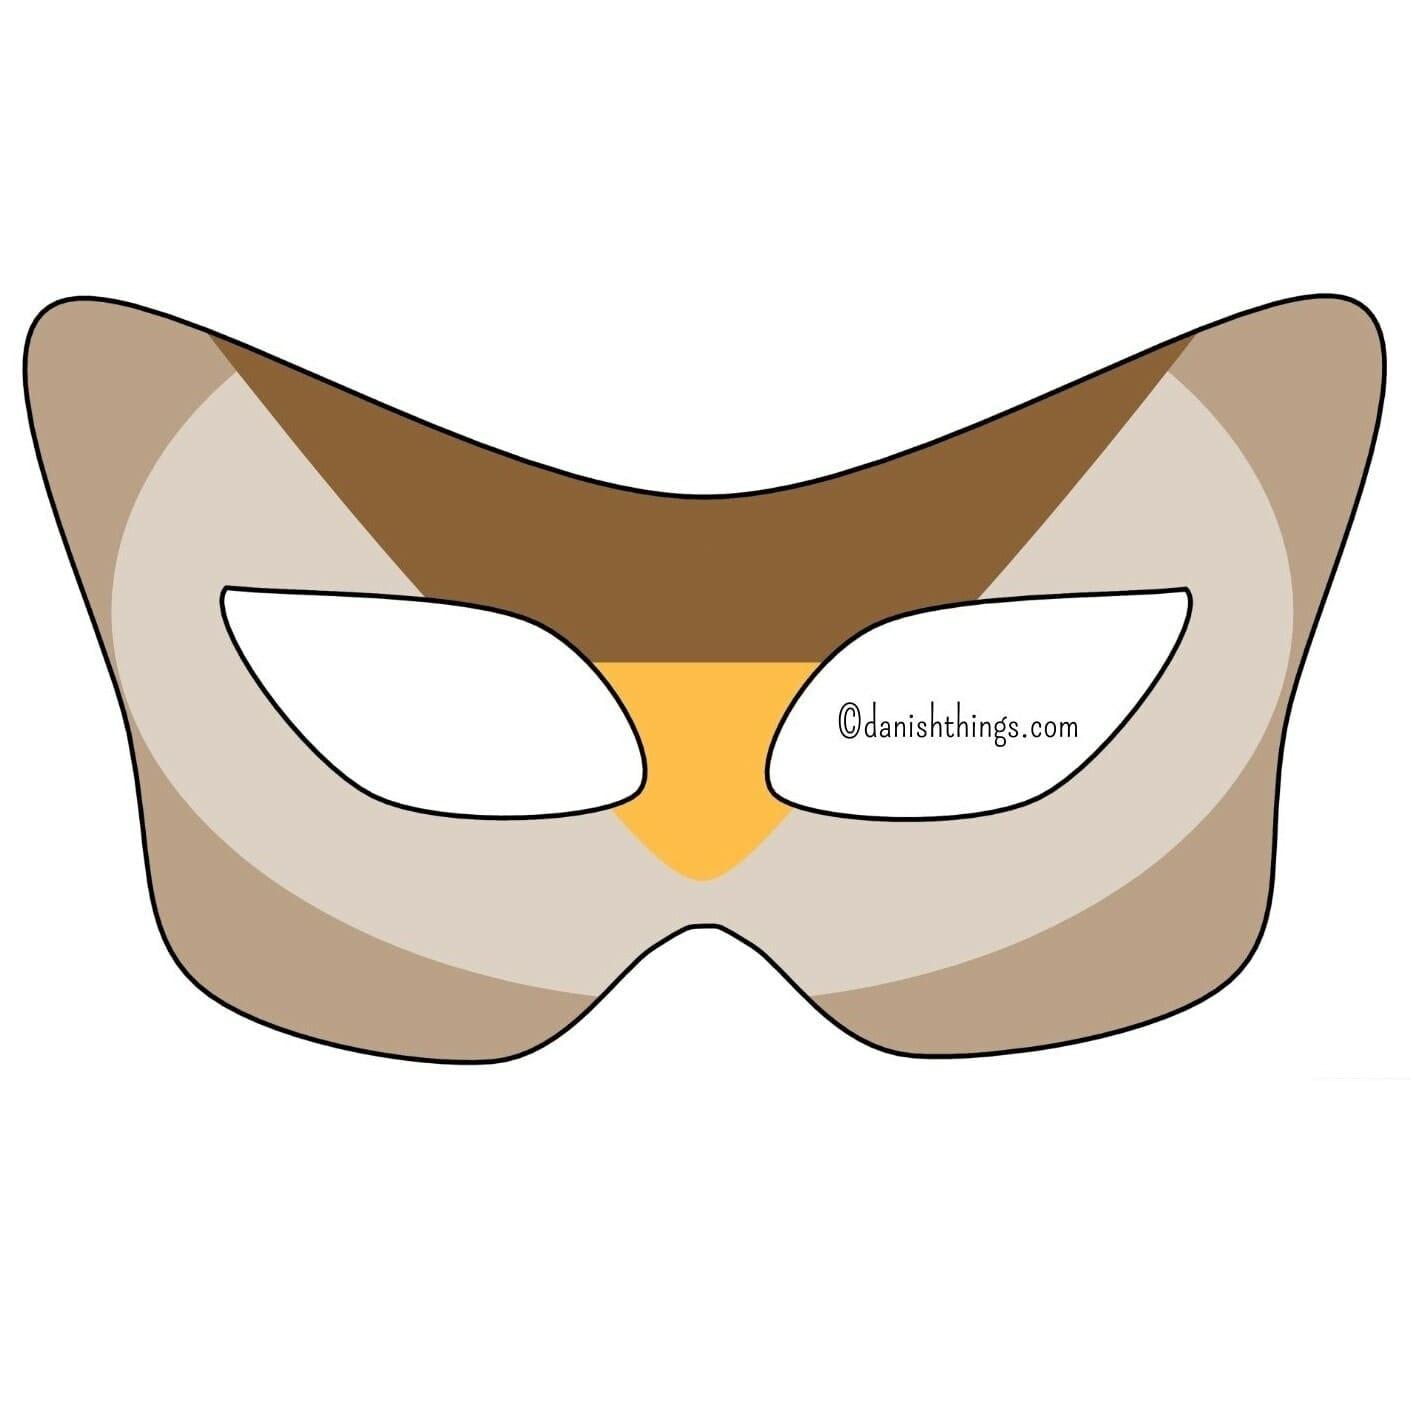 Lav selv fastelavnsmasker af papir. Gratis fastelavnsmasker som udklædning, til dekoration og som skabelon. Her får du forskellige masker og skabeloner, så du kan lave dine egne eller printe dine favoritter. Eller pynte fastelavnsris? Find flere gratis dekorationer, skabeloner, katte samt opskrifter og inspiration her på danishthings.com © Christel Danish Things #DanishThings #fastelavn #maske #fastelavnsmaske #fastelavnsmasker #dekoration #fastelavnsris #fastelavnstønde #gratis #skabelon #dekoration